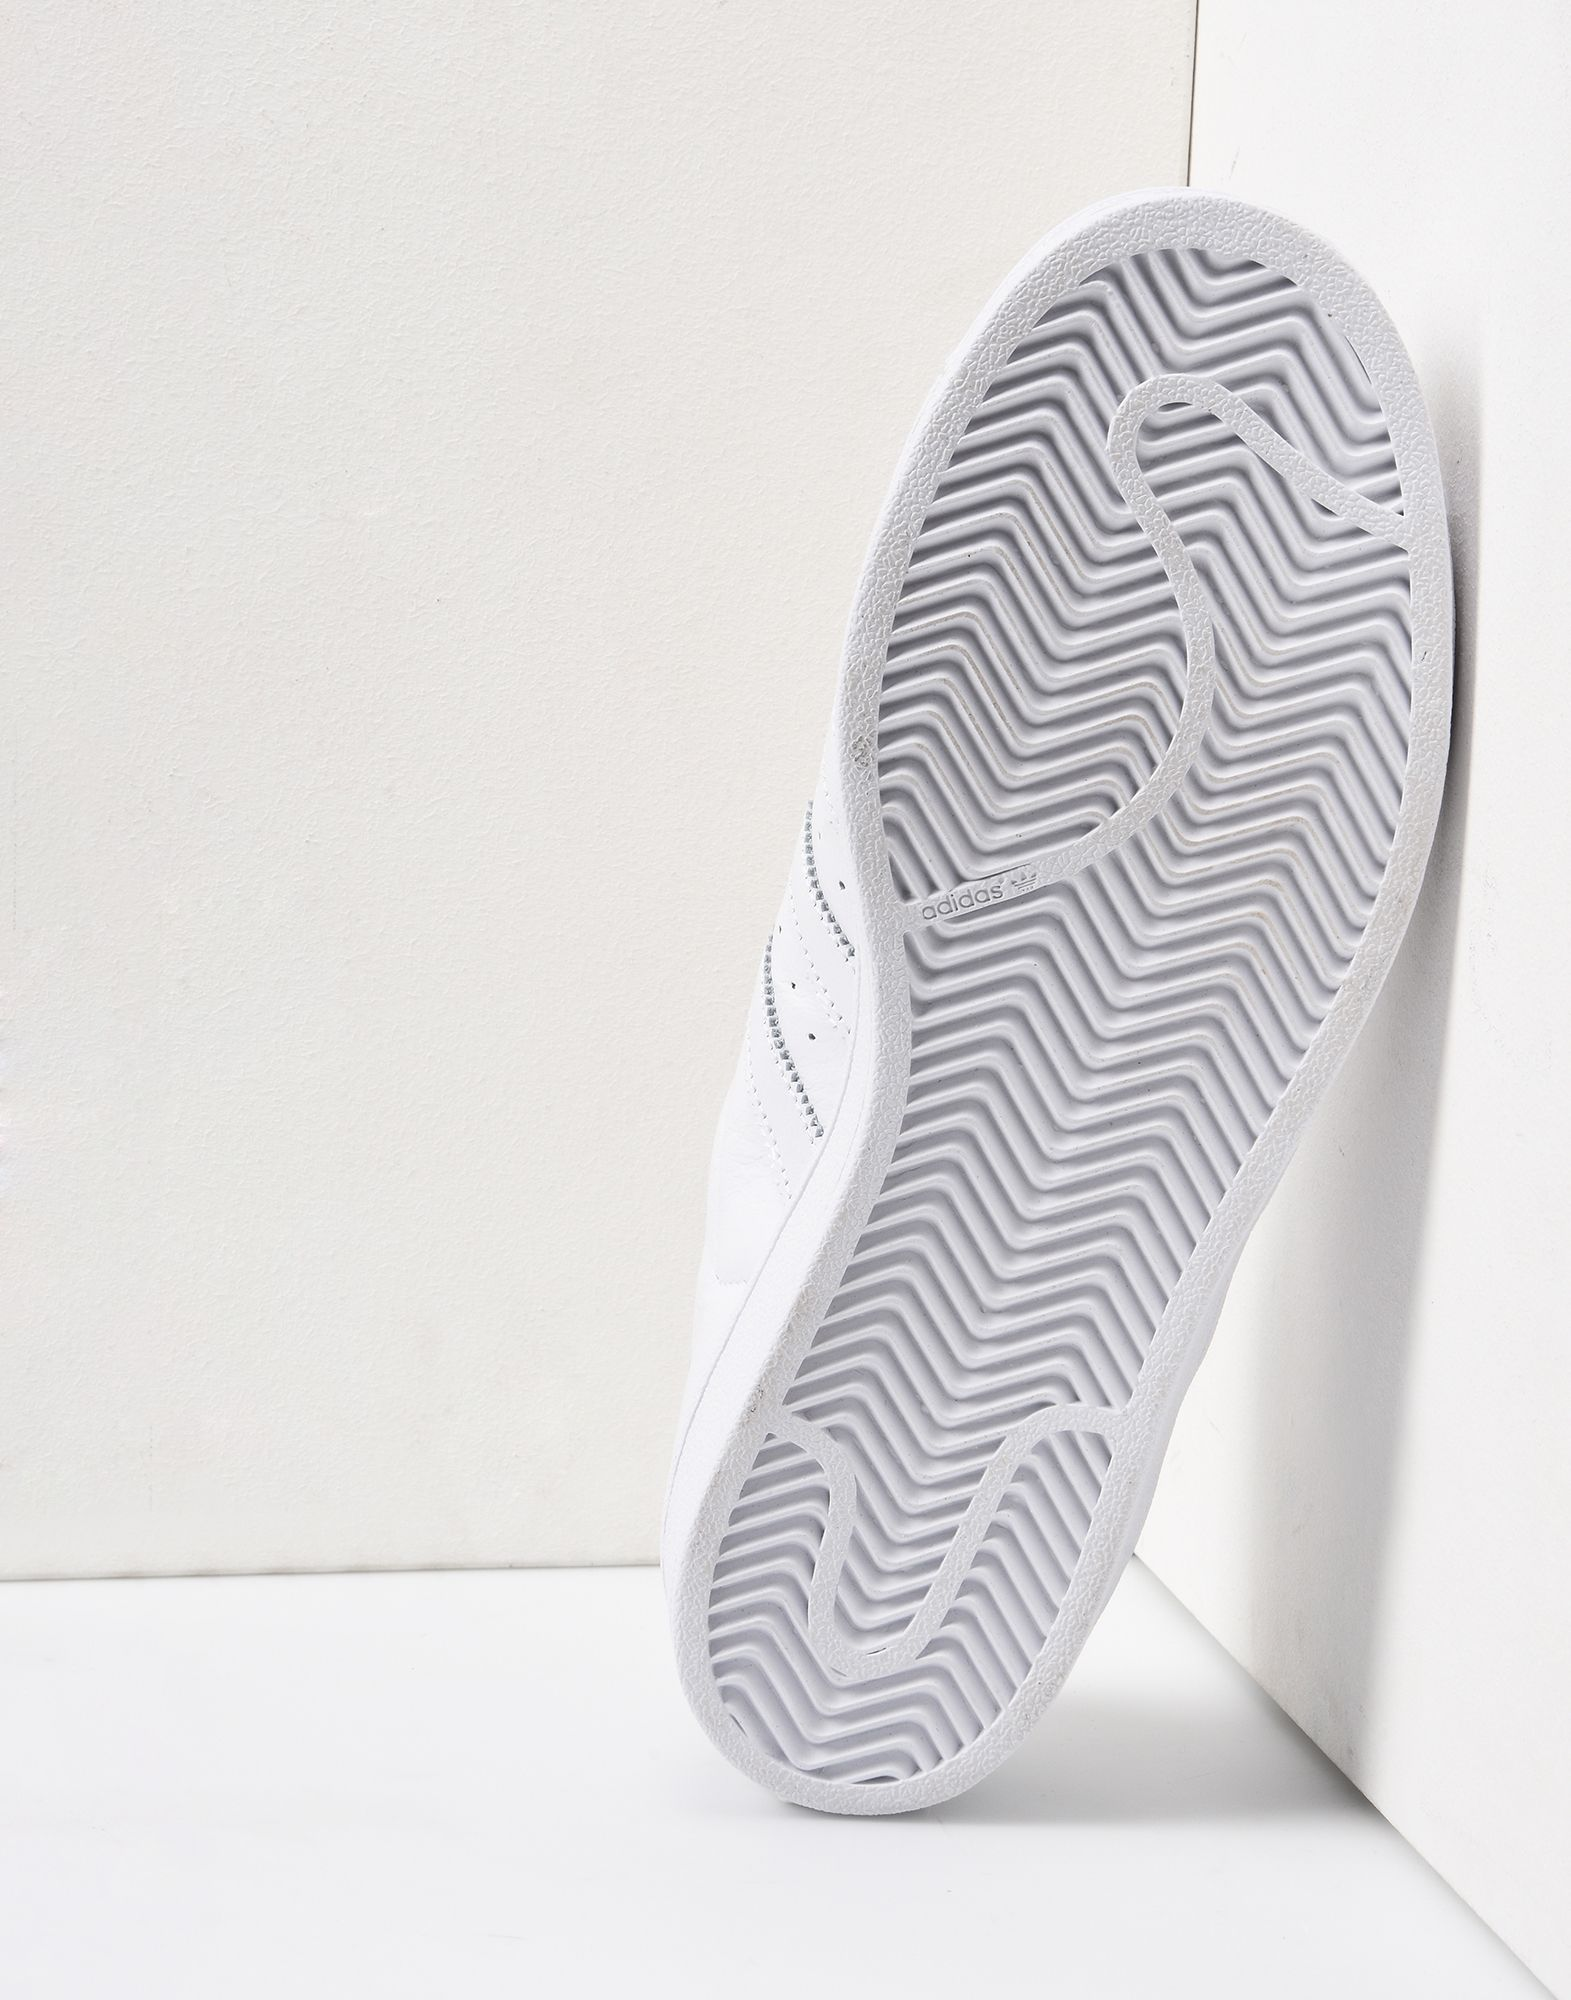 Adidas Originals Superstar W  11533539BV Gute Qualität beliebte beliebte beliebte Schuhe cdeb48